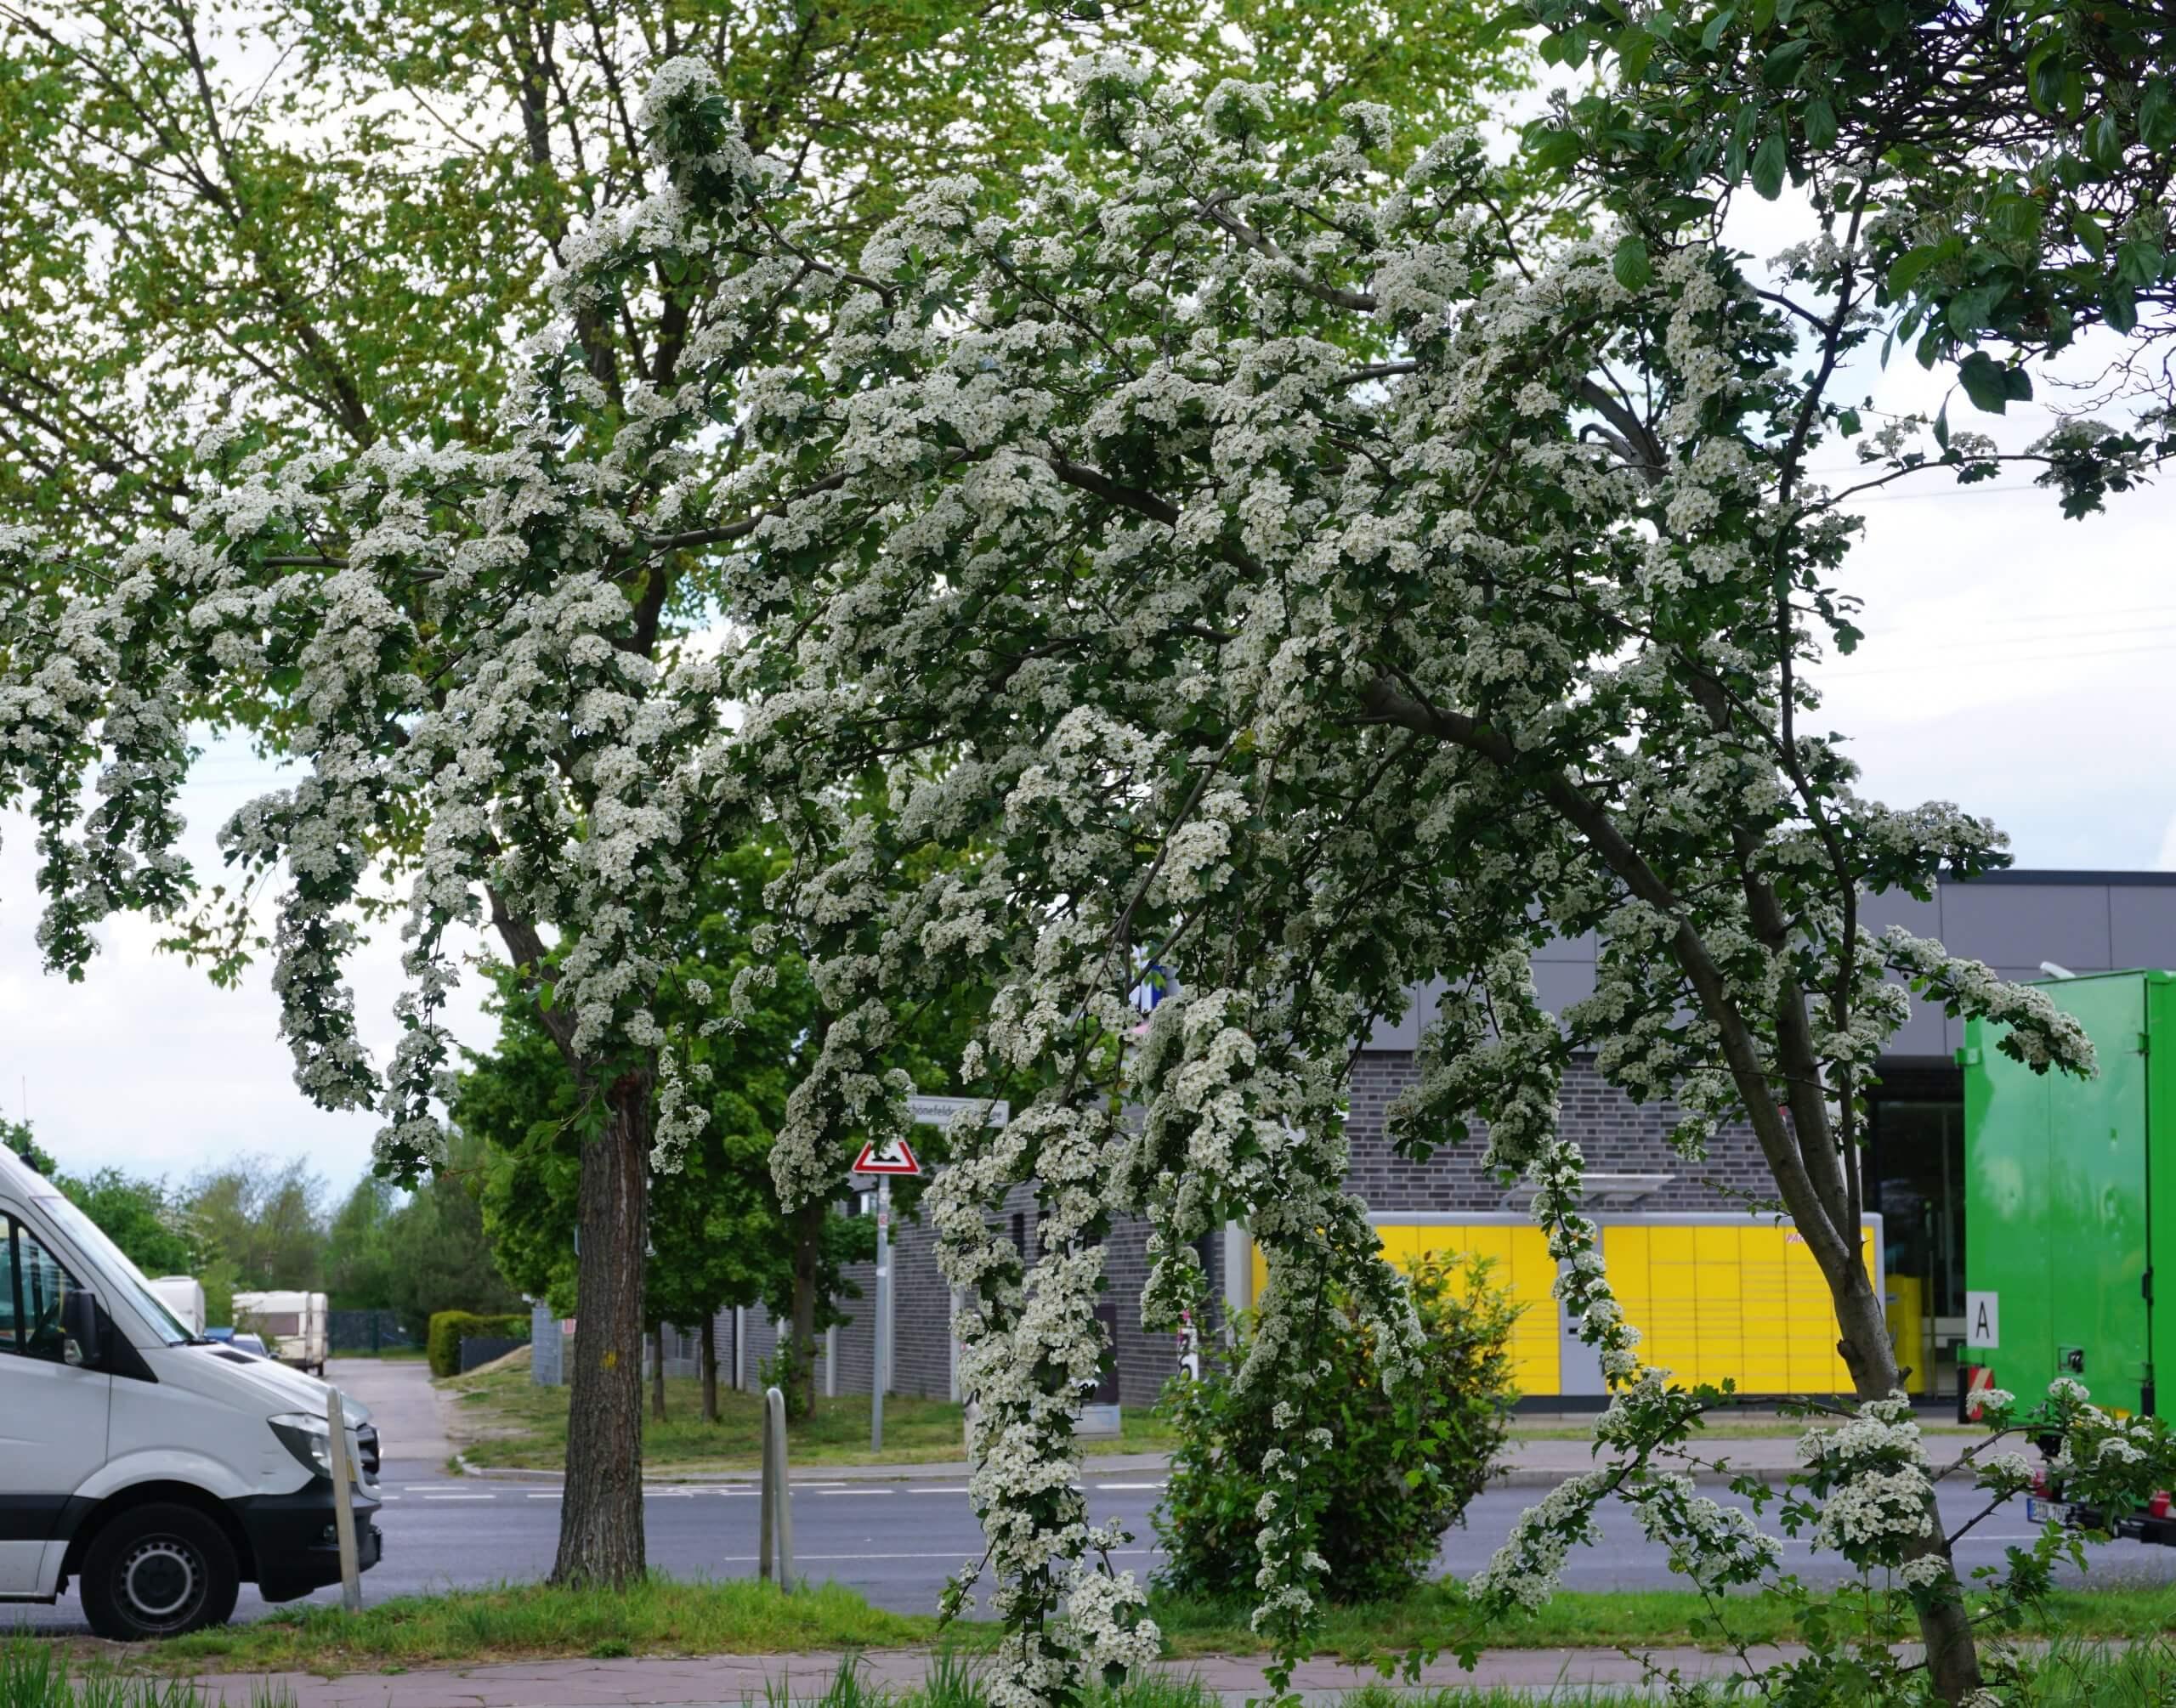 Das Bild zeigt einen kleinen Baum eines blühenden Weißdorns an der Schönefelder Chaussee im Kosmosviertel.